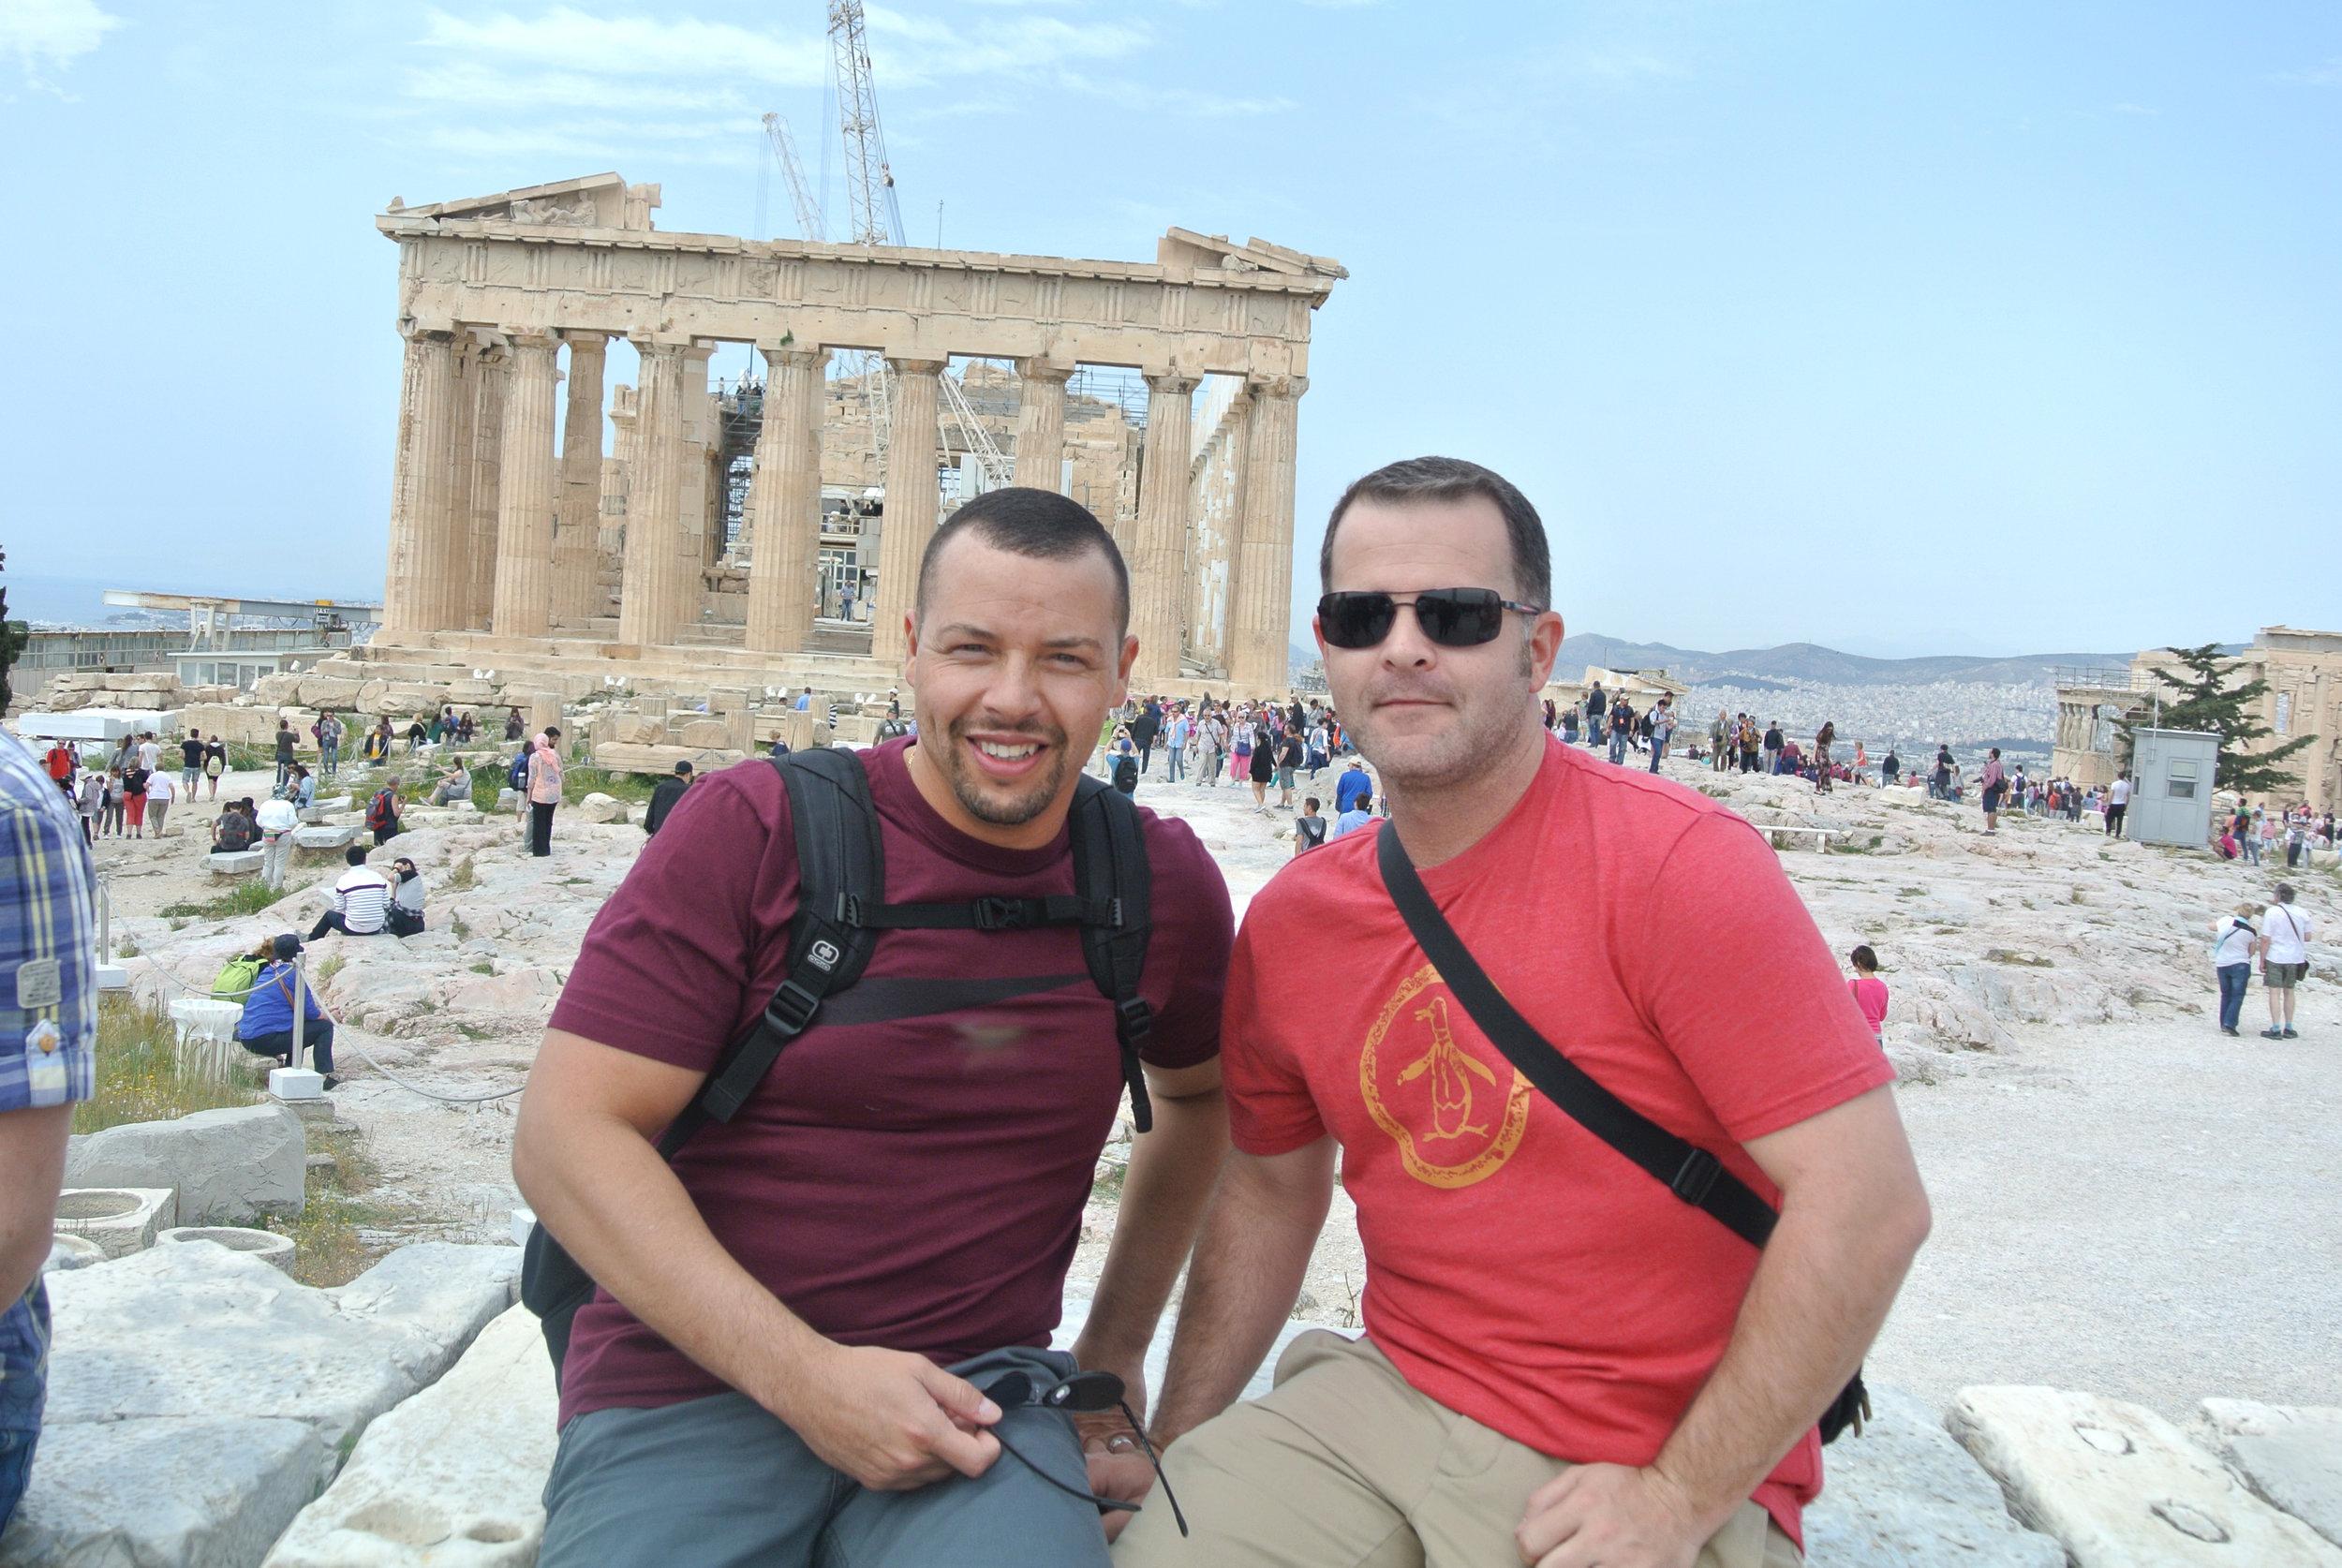 Exploring the Acropolis in Greece